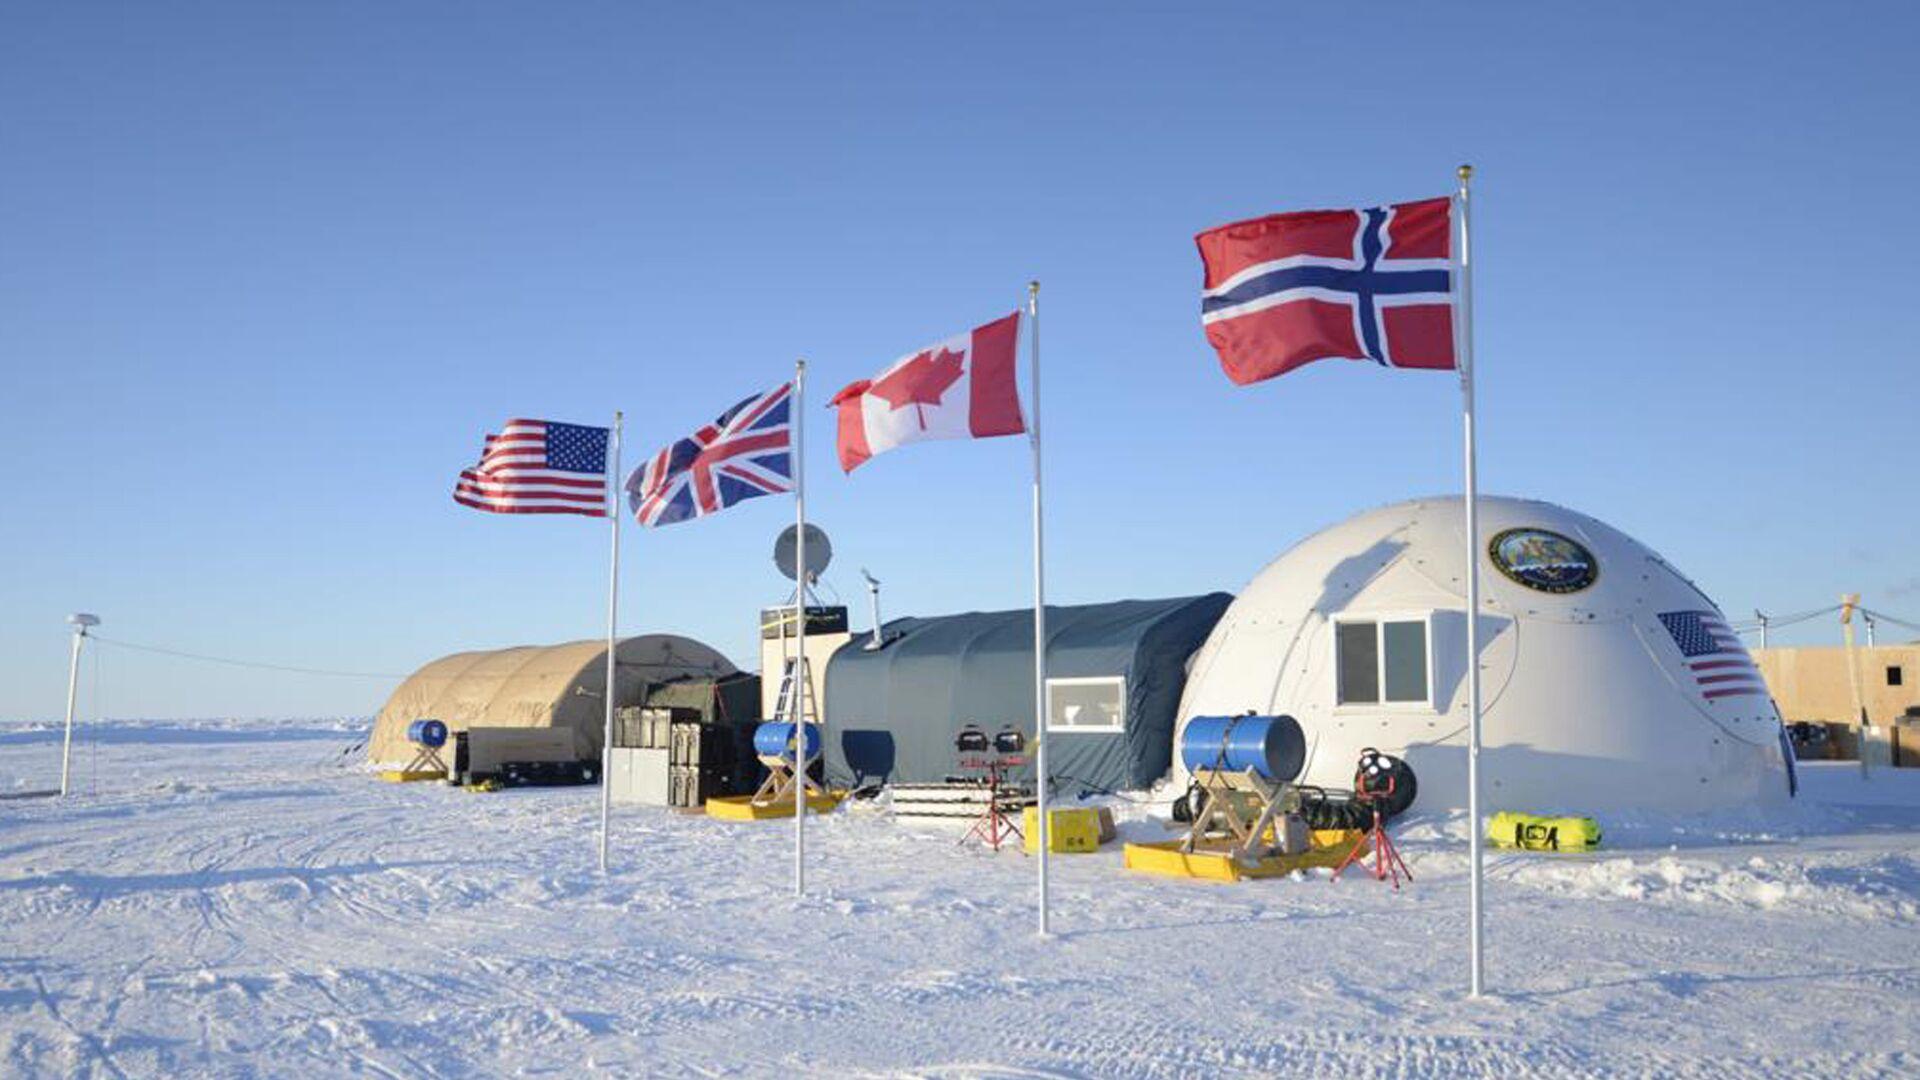 Campamento militar de EEUU, Reino Unido, Canadá y Noruega en el Ártico (archivo) - Sputnik Mundo, 1920, 11.03.2021